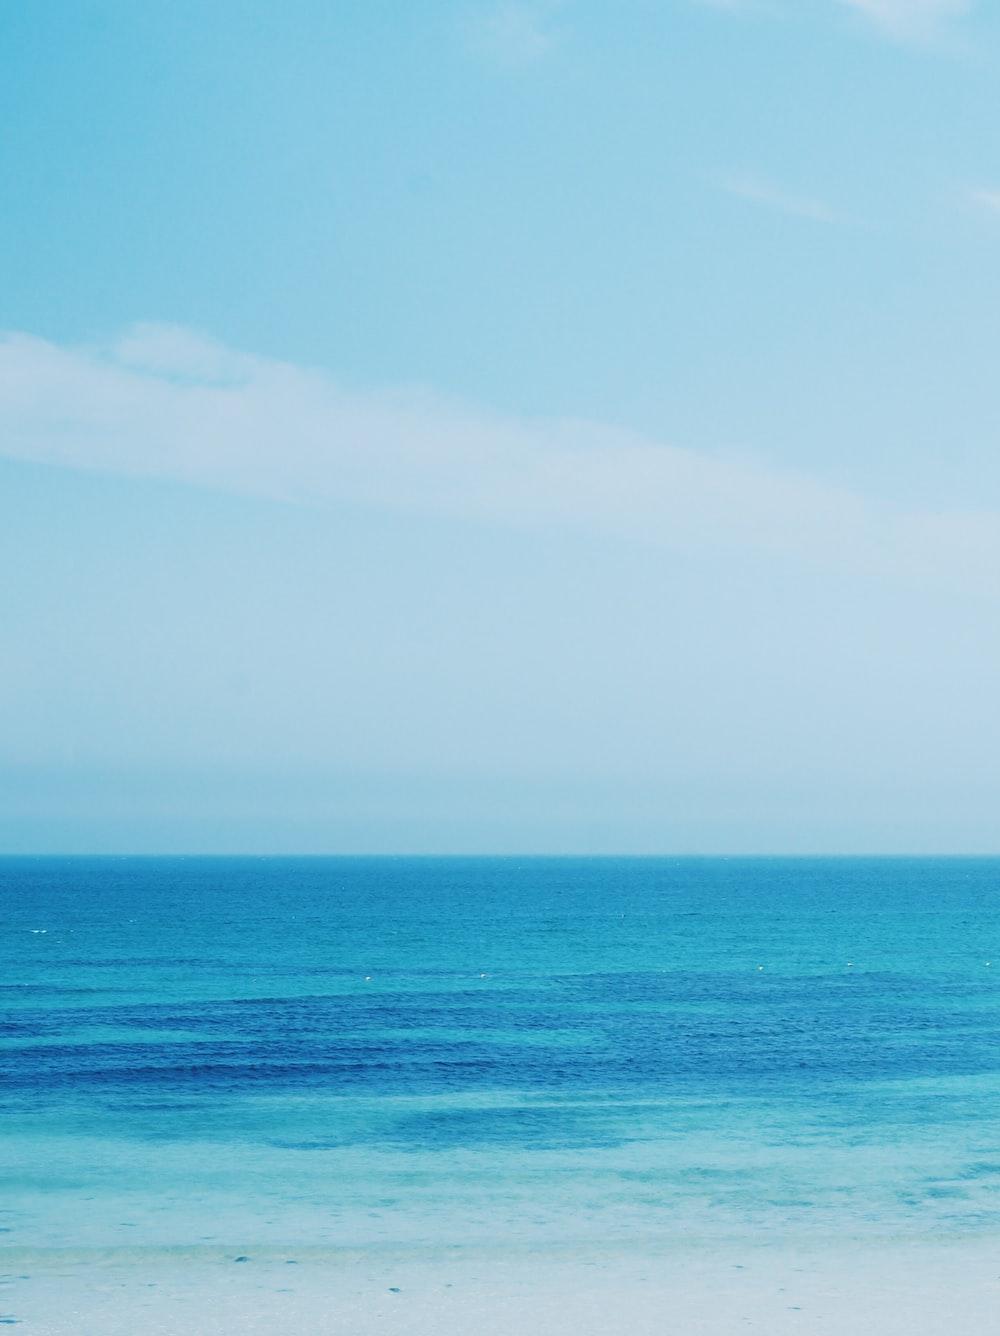 blue beach under clear blue sky